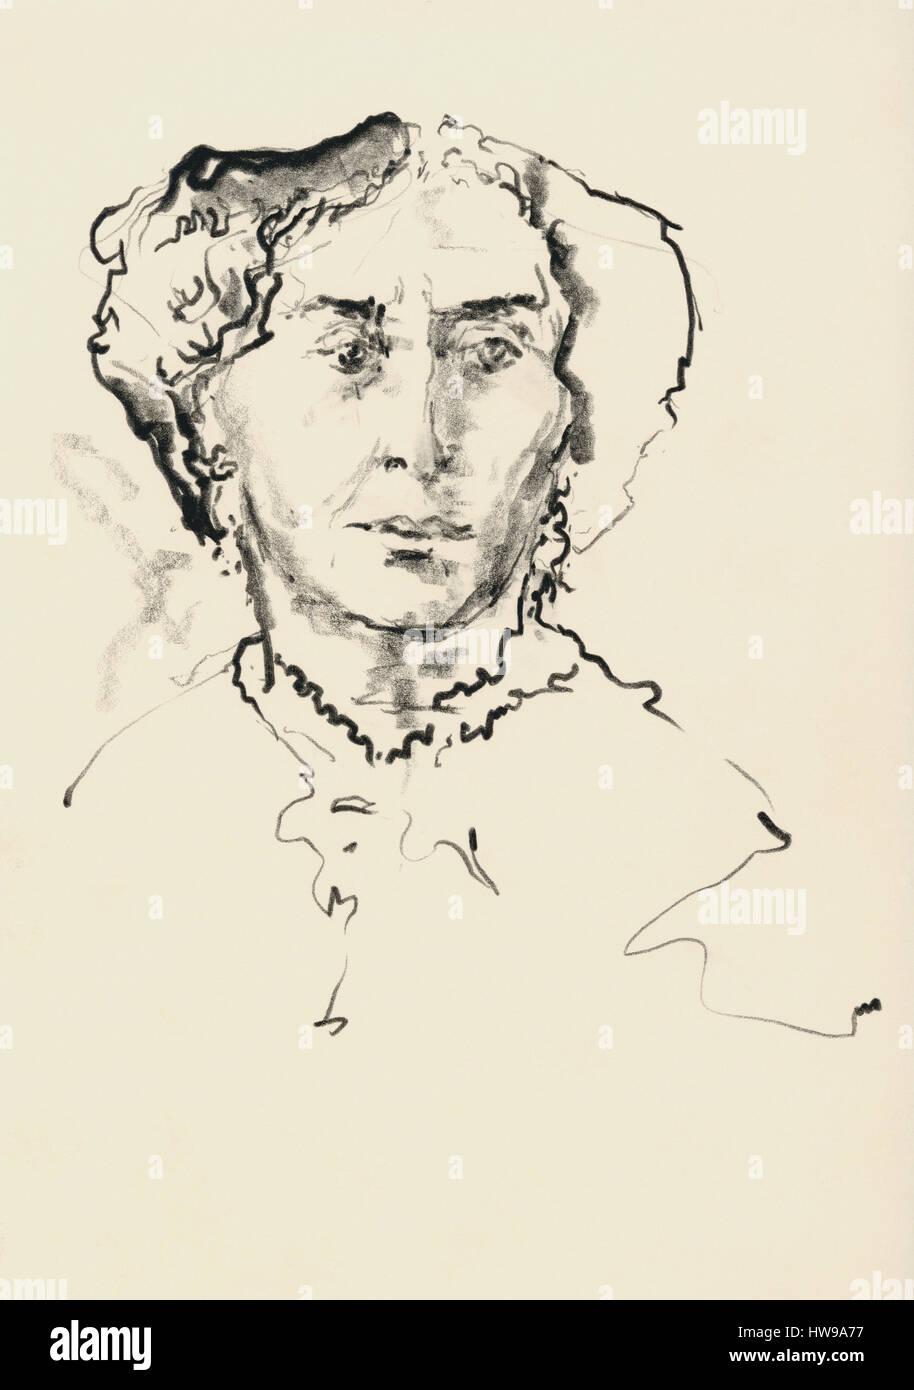 Portrait de George Sand (Amantine Aurore Lucile Dupin, baronne Dudevant, 1804-1876), romanciere, auteur dramatique - Stock Image